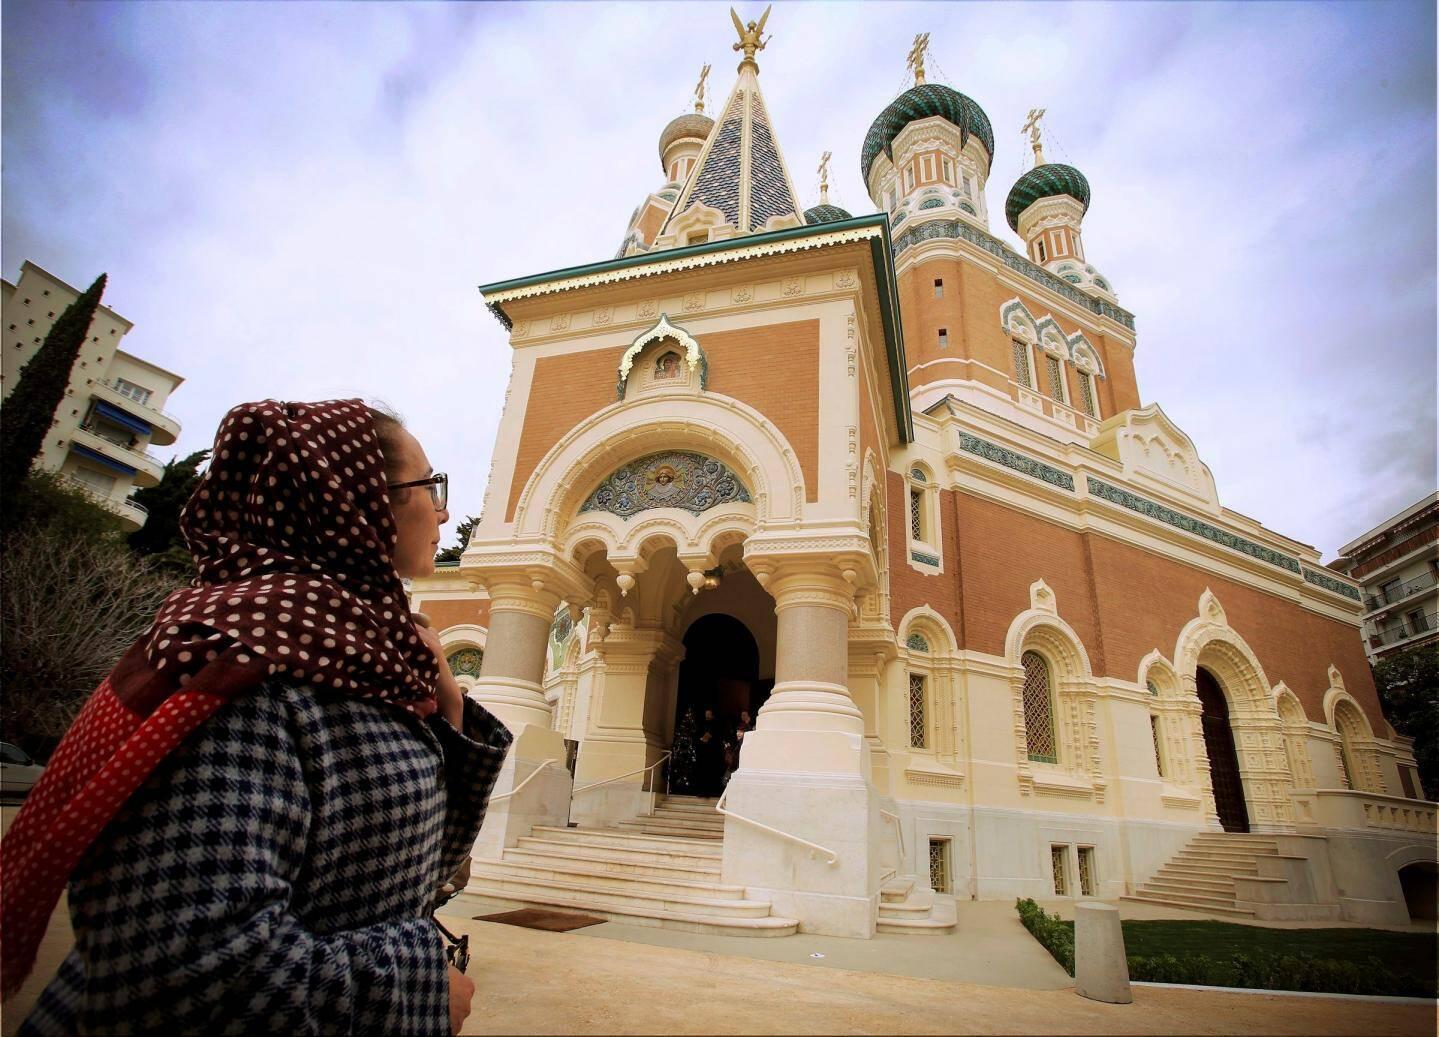 Les travaux de rénovation de la cathédrale, financés par la Russie, ont été inaugurés mi-janvier.